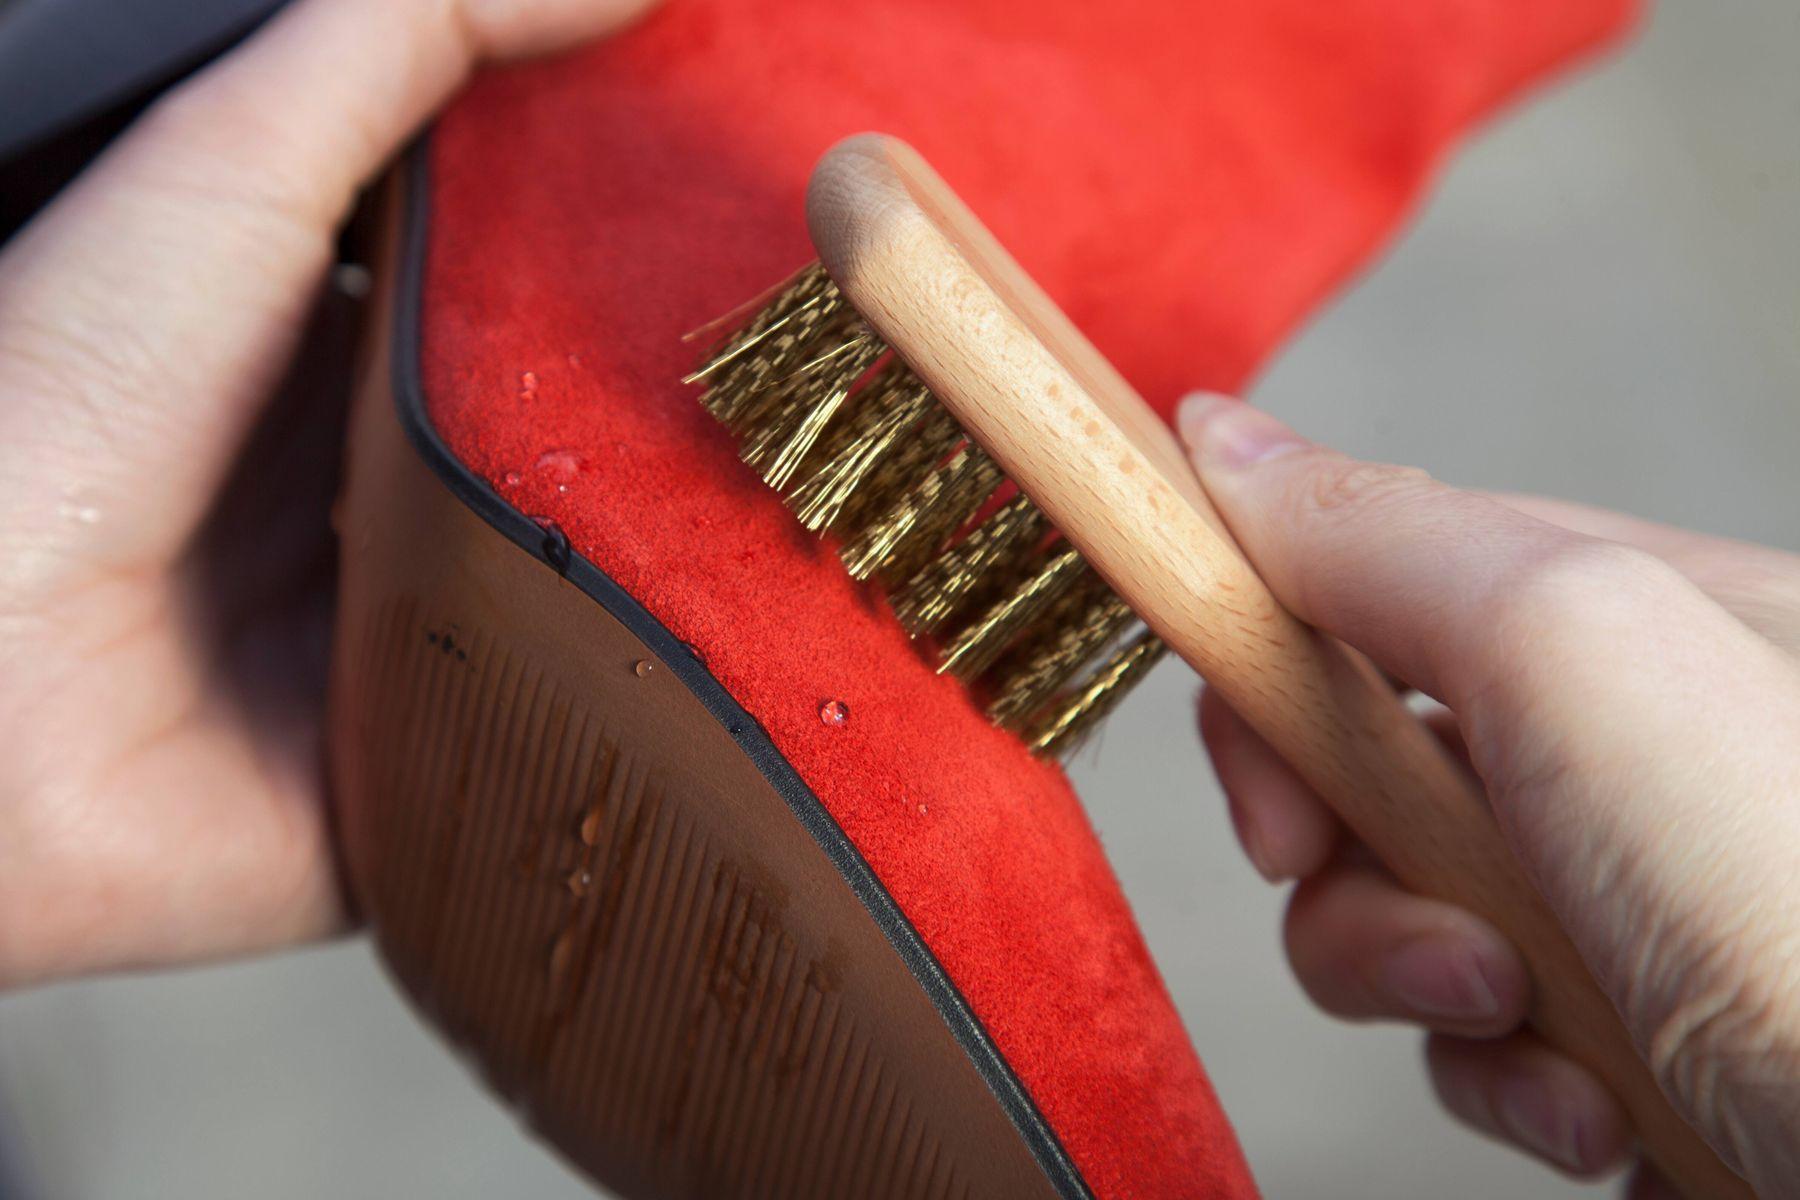 Sapato vermelho de carmuça sendo limpo com escovinha